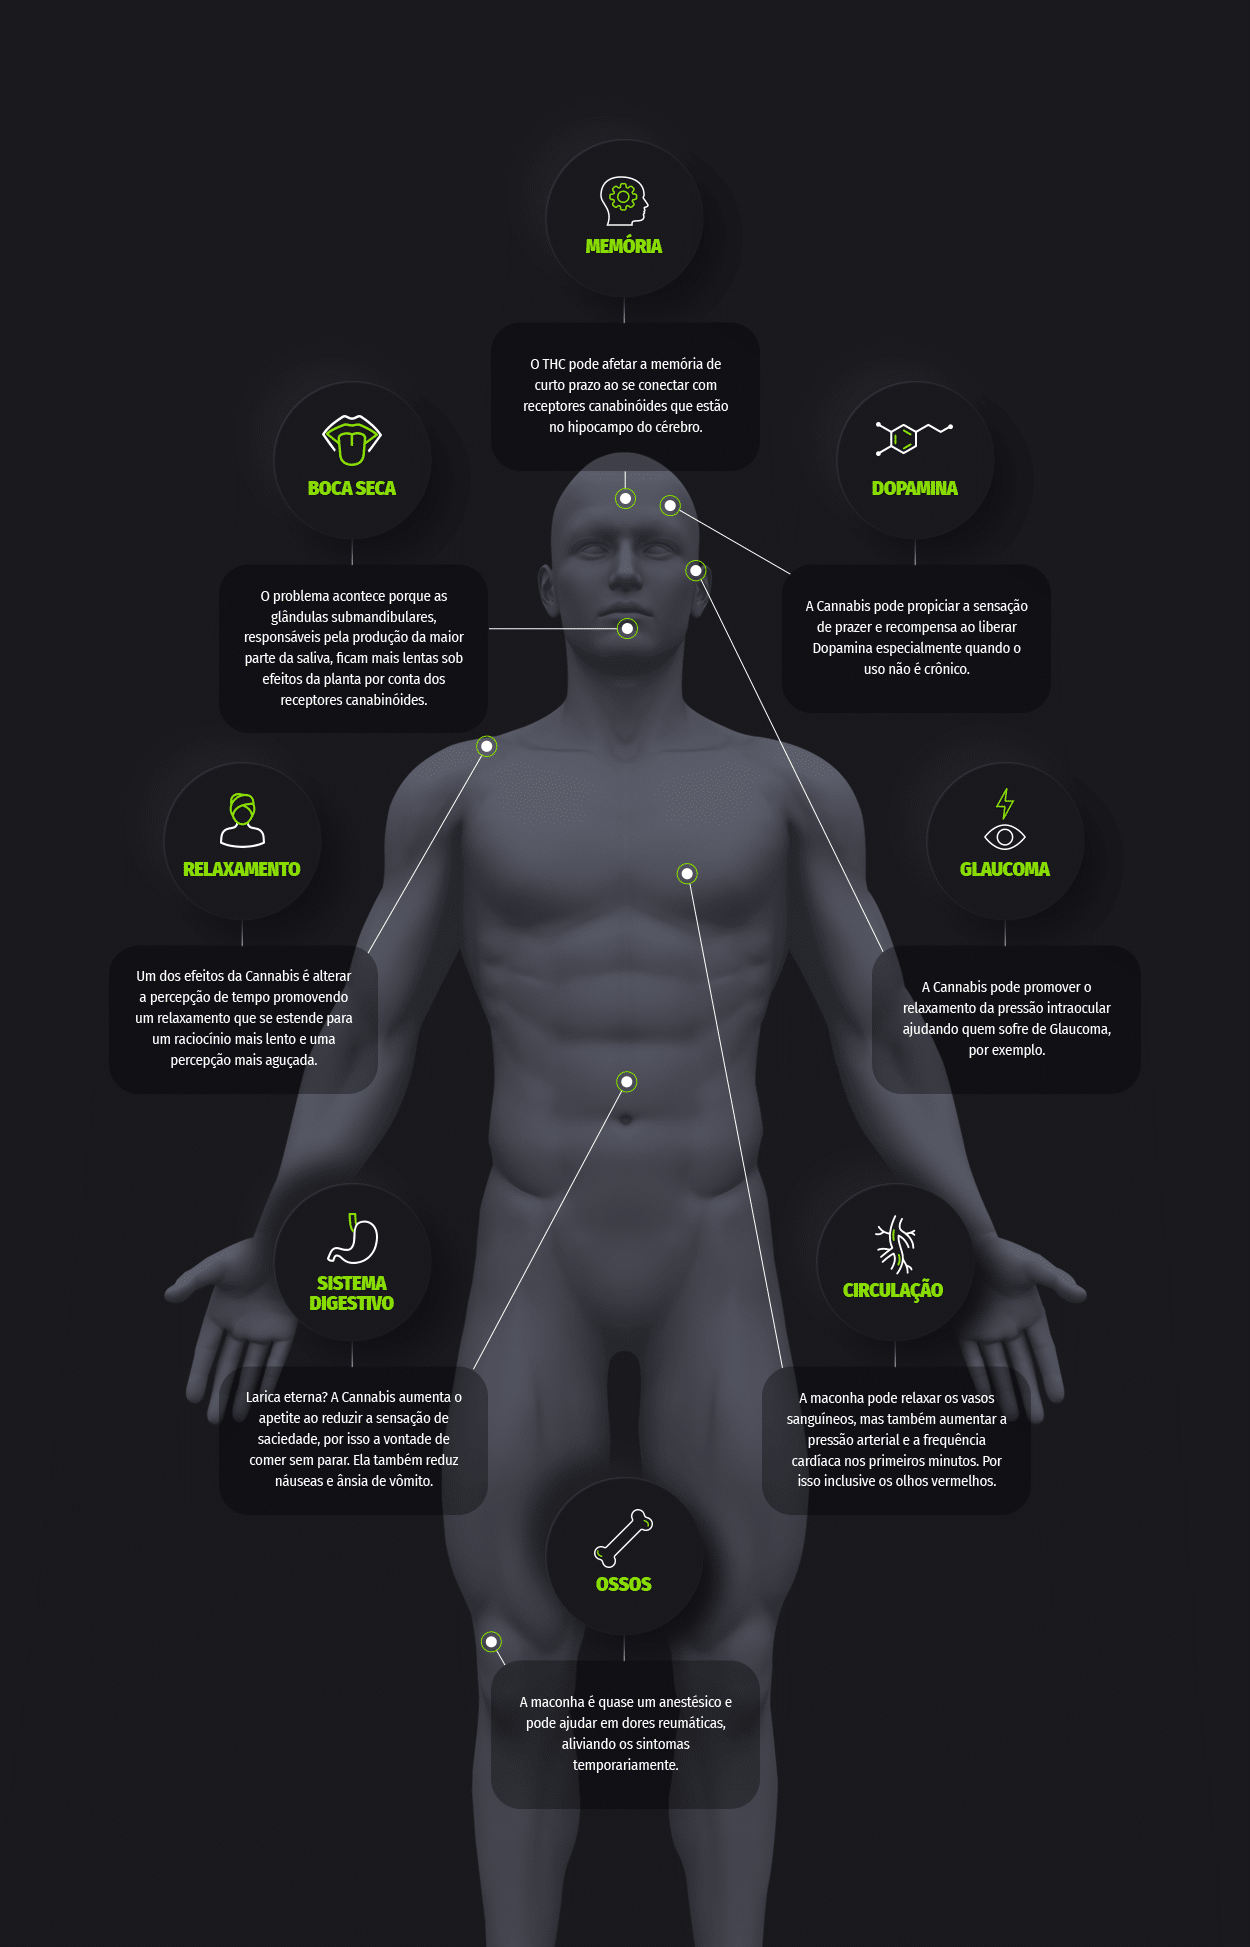 Efeitos da maconha no corpo e na mente Growroom